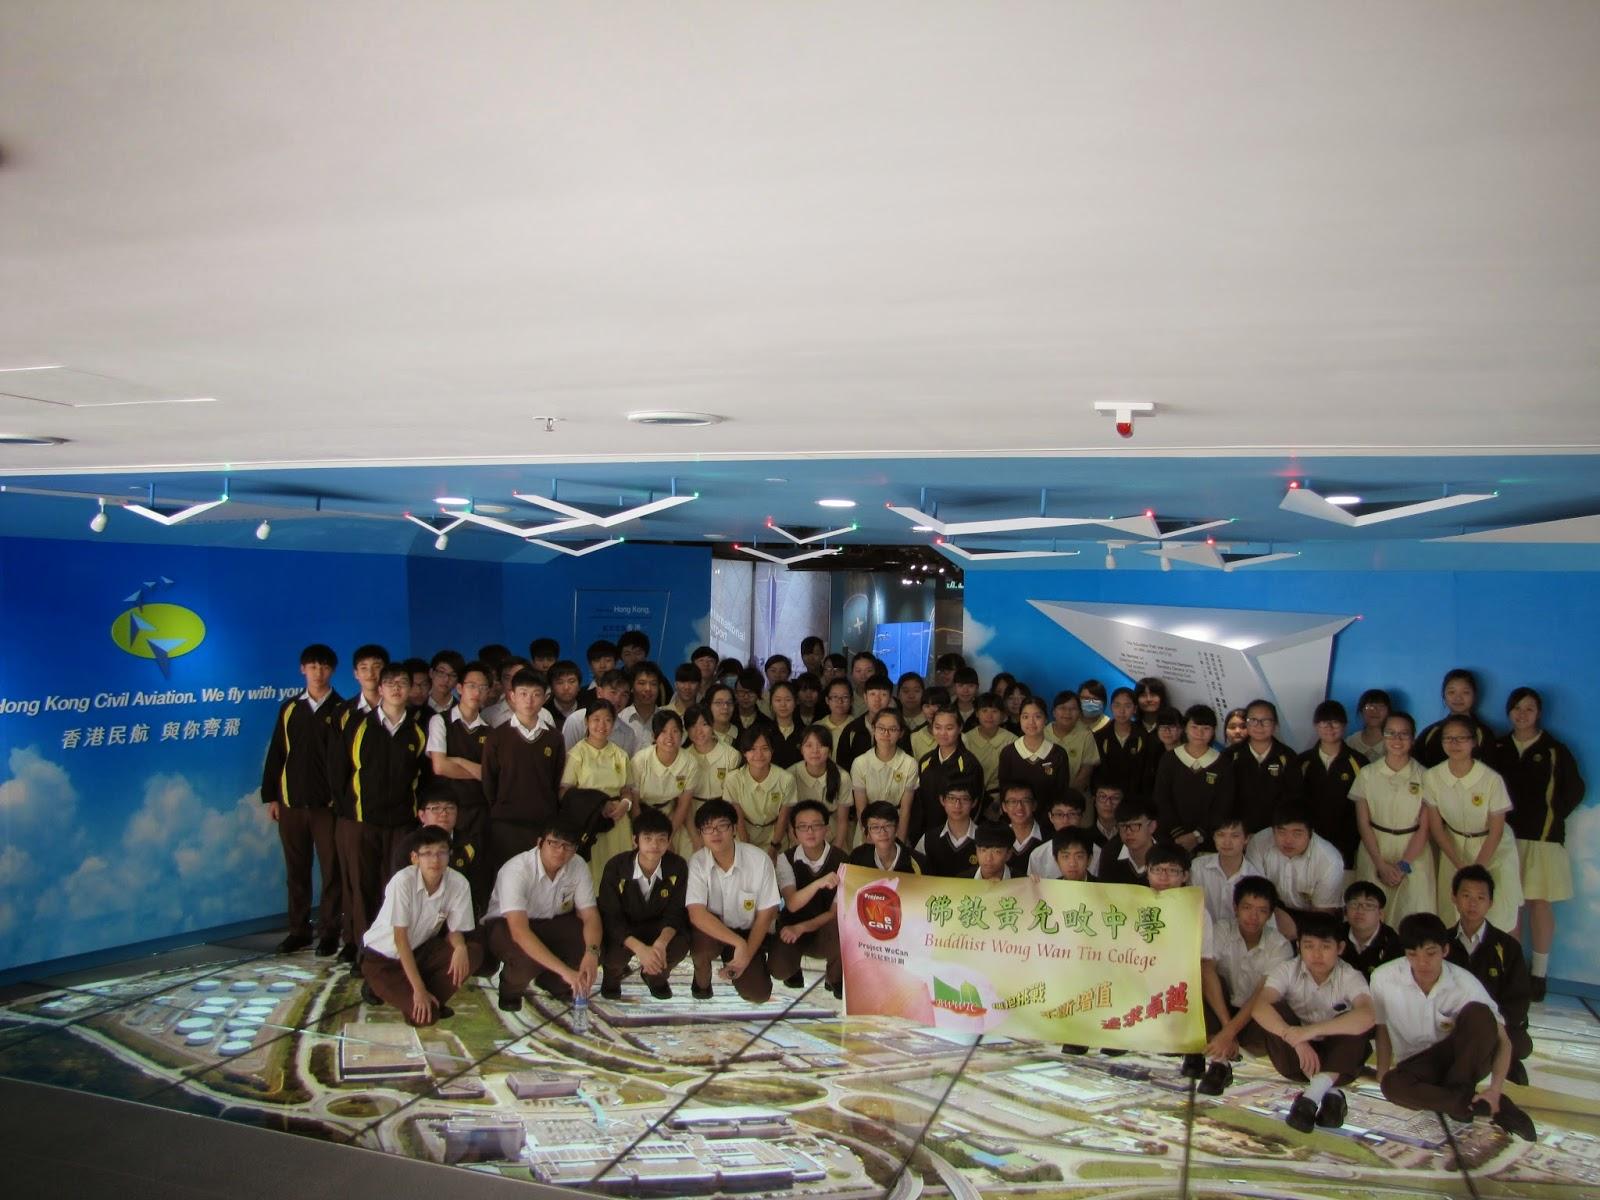 佛教黃允畋中學 學校起動計劃: 參觀民航處總部航空教育徑